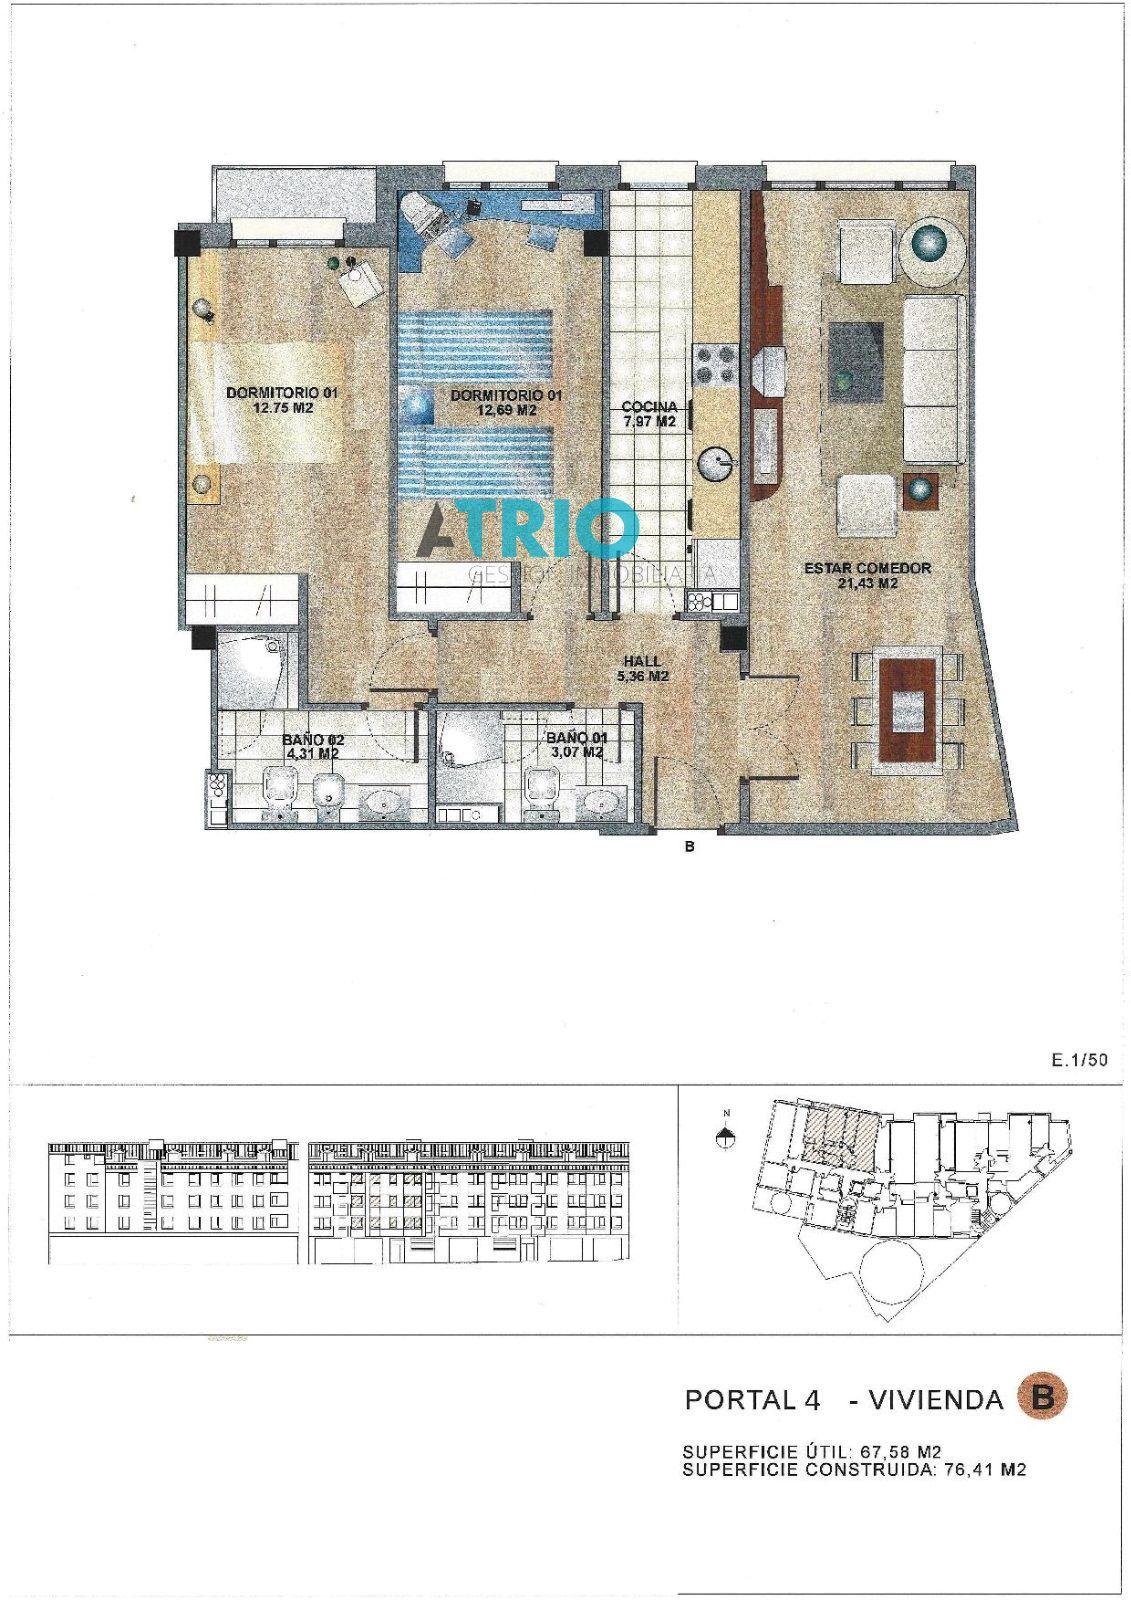 dia.mobiliagestion.es/Portals/inmoatrio/Images/6910/5056737